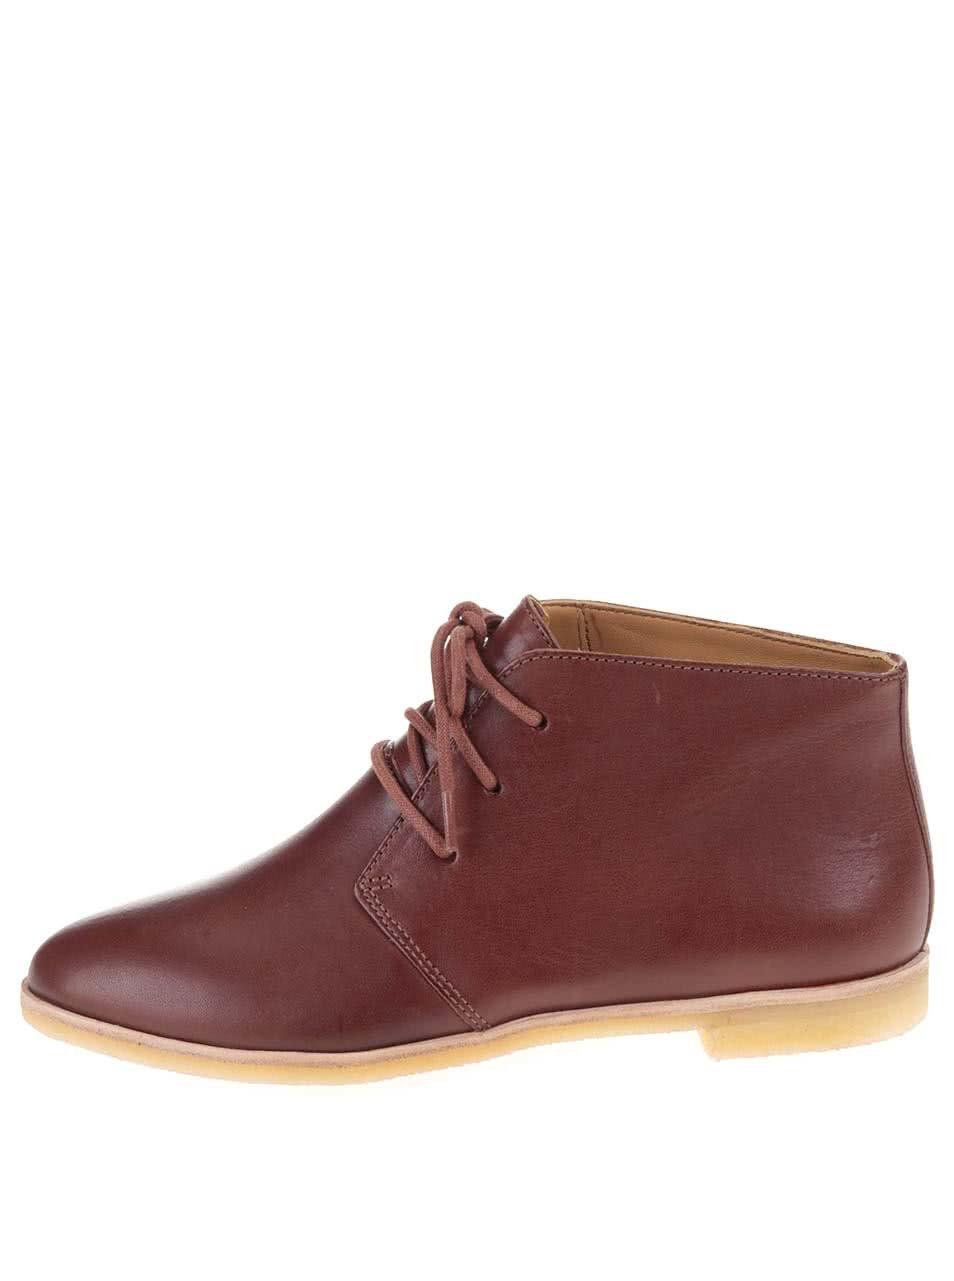 feef393489ae Hnedé dámske kožené členkové topánky Clarks Phenia Desert ...